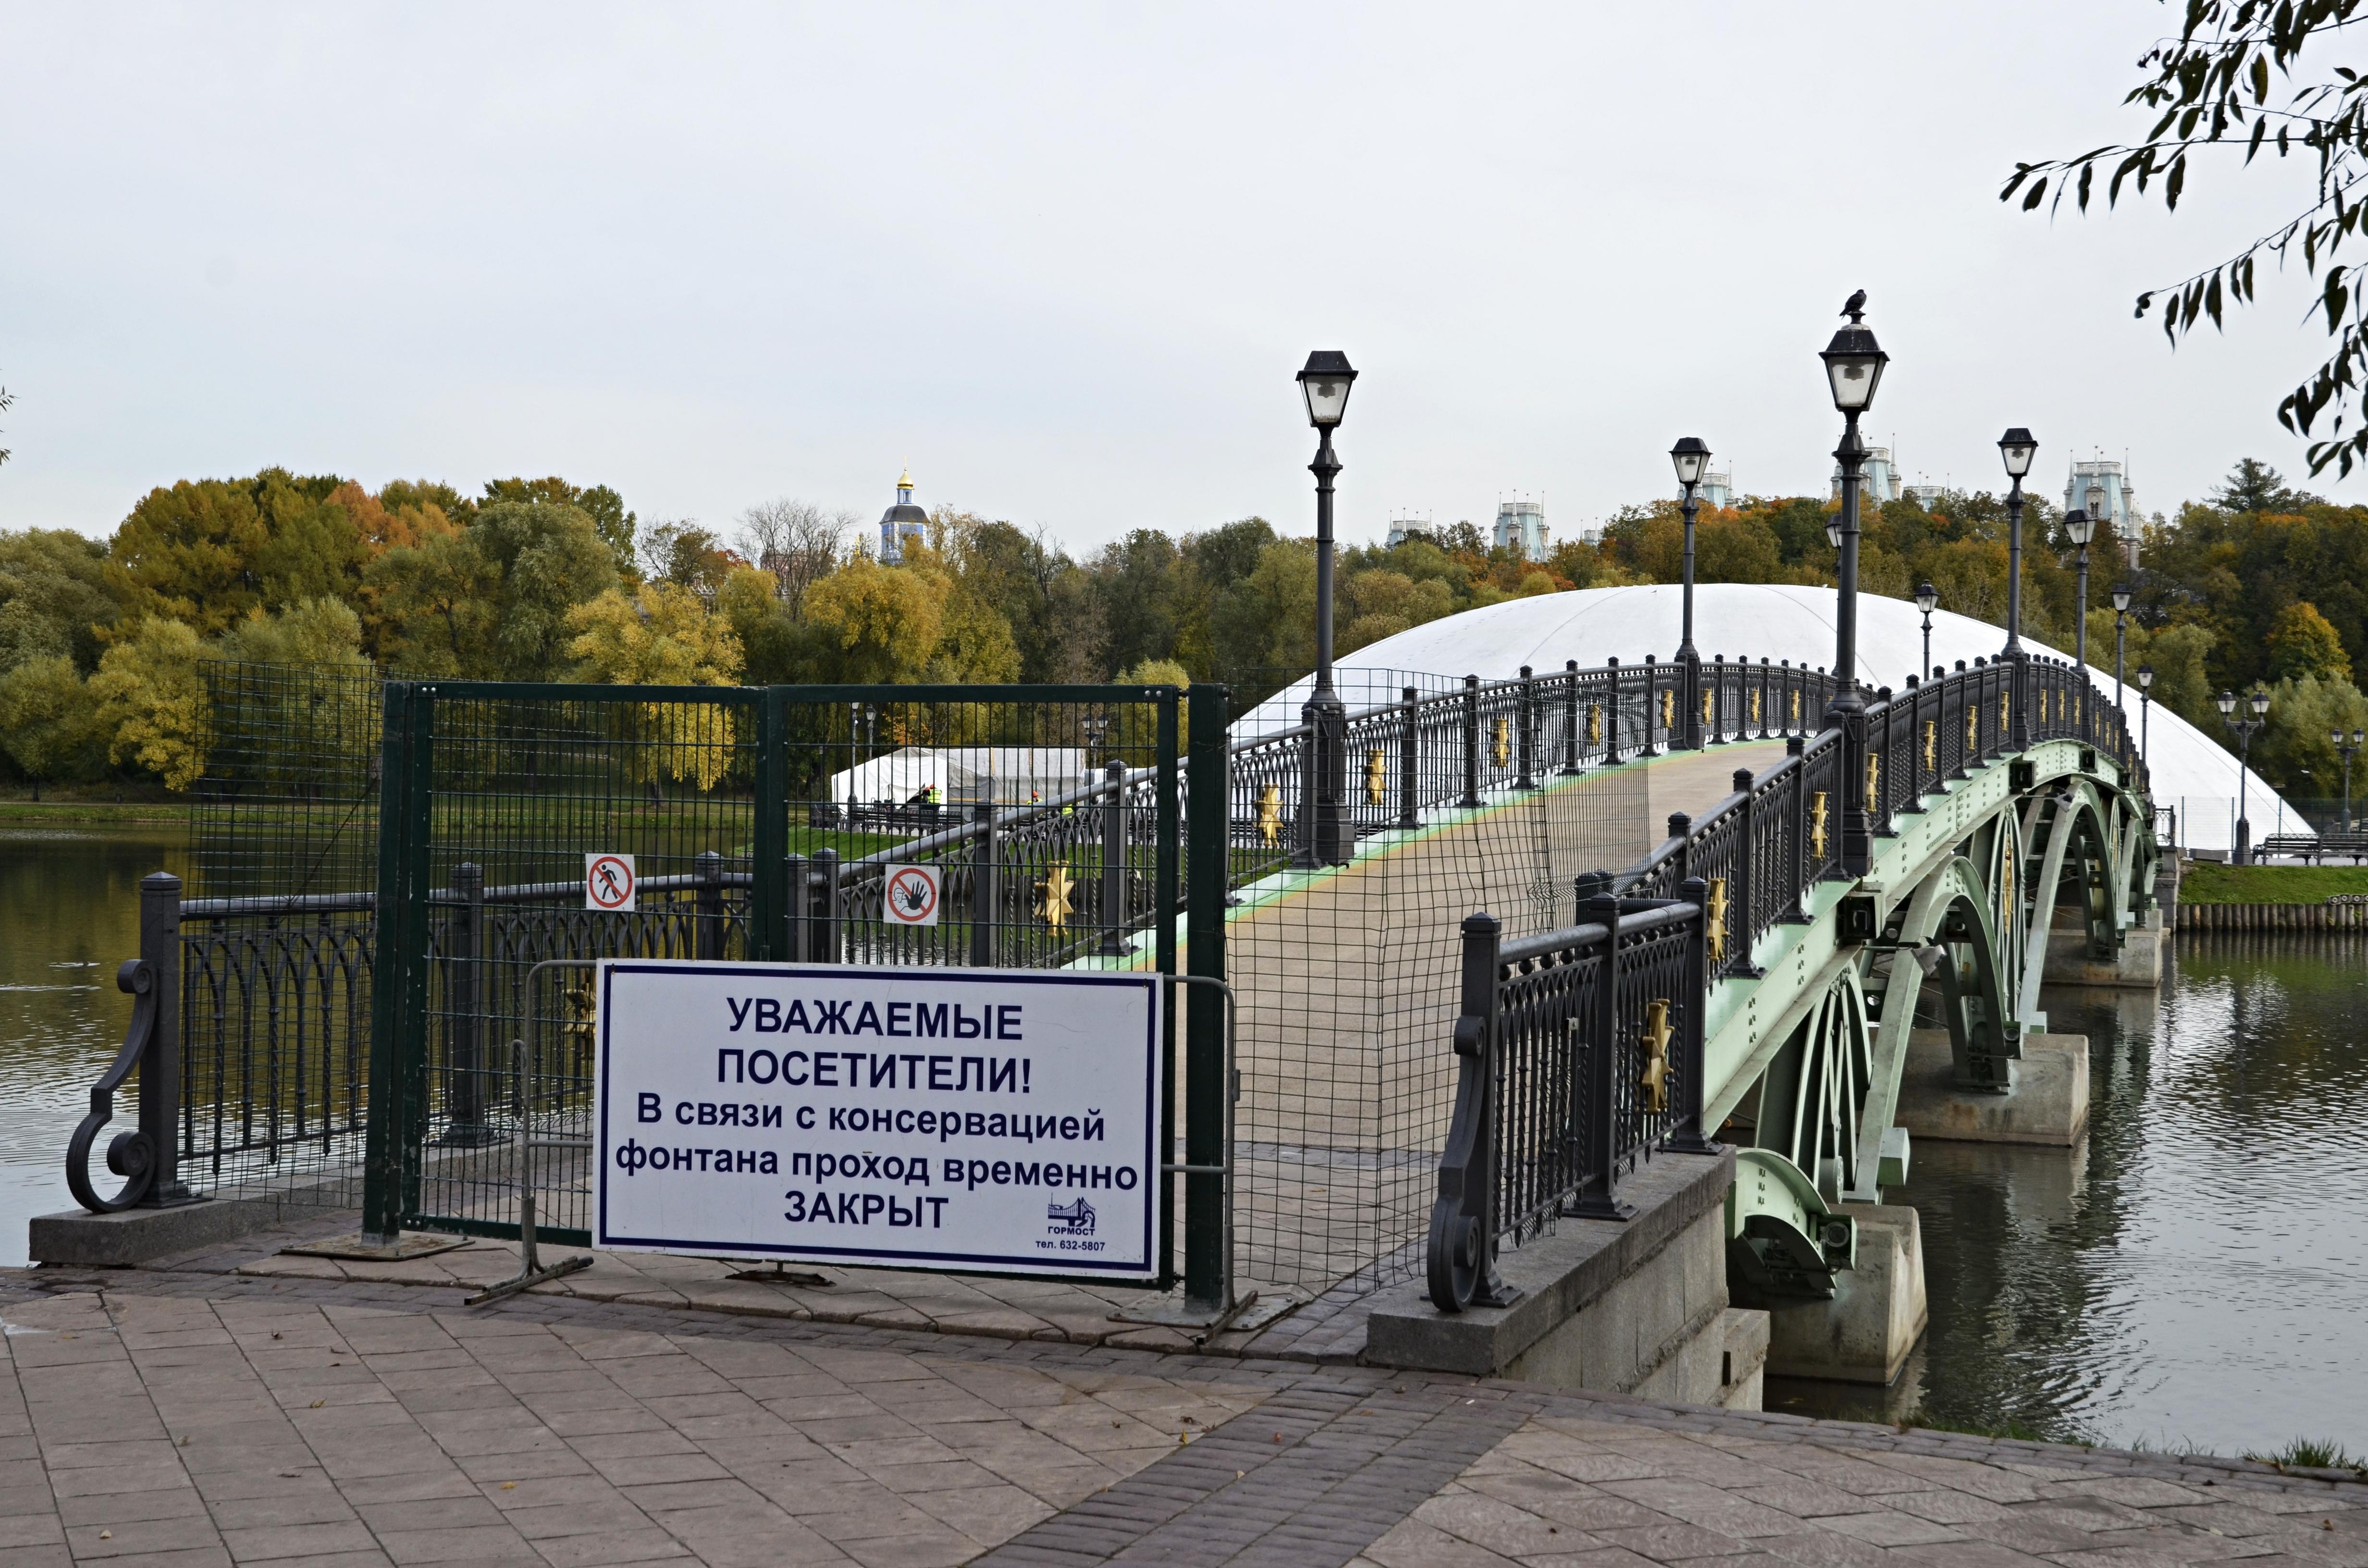 Музыкальный фонтан в «Царицыне» подготовили к зиме